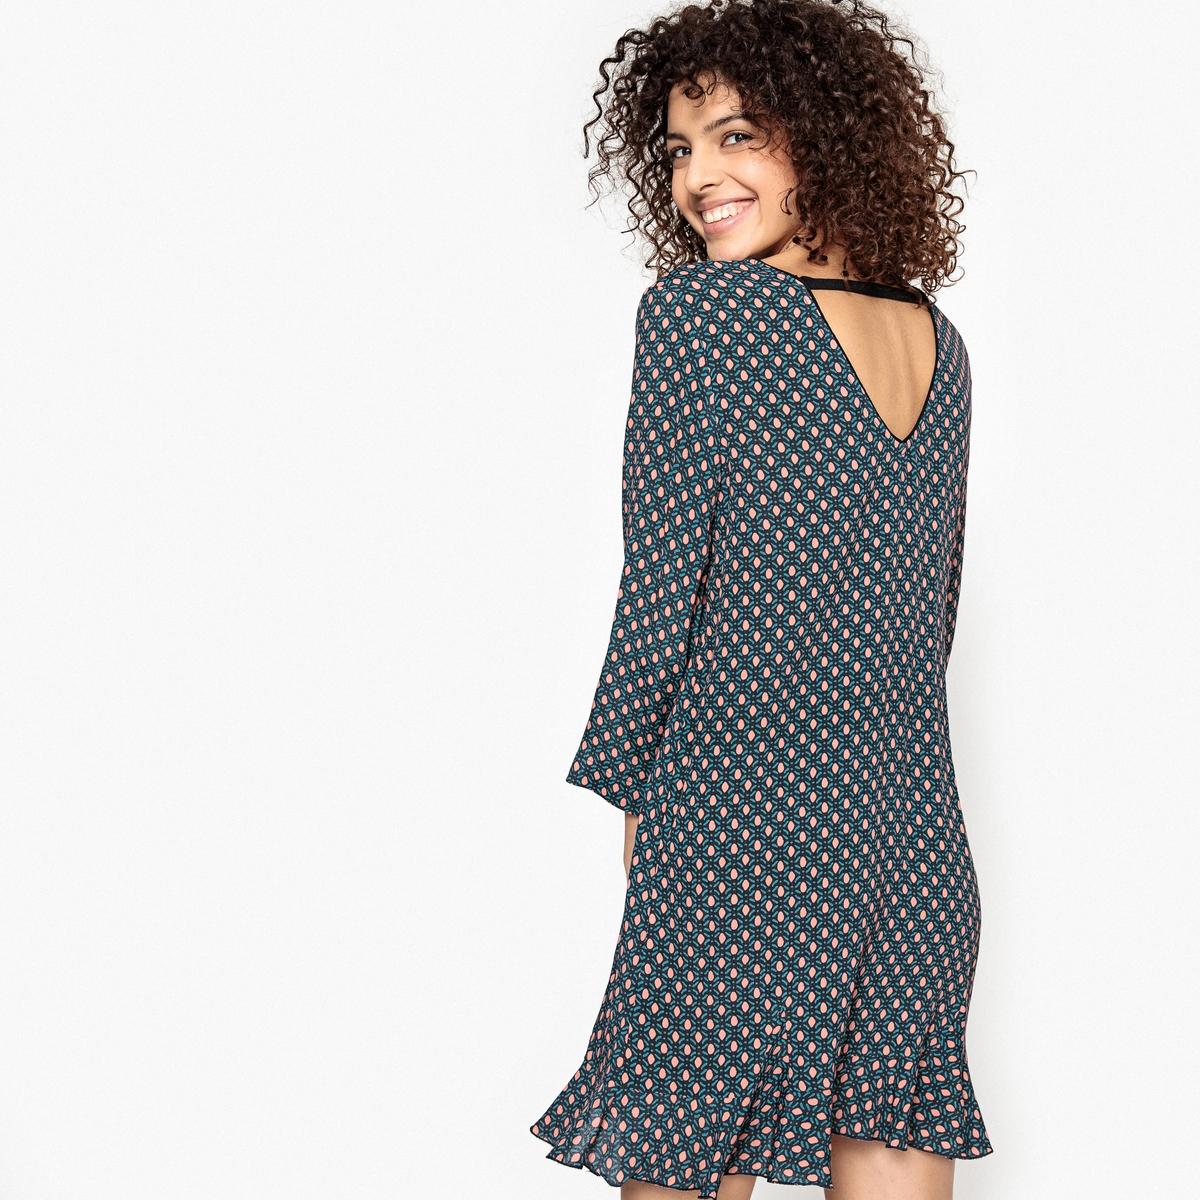 Платье прямое с рисунком и вырезом сзади CALLISTE женские блузки и рубашки choice 2015 sheinside blusas 3225